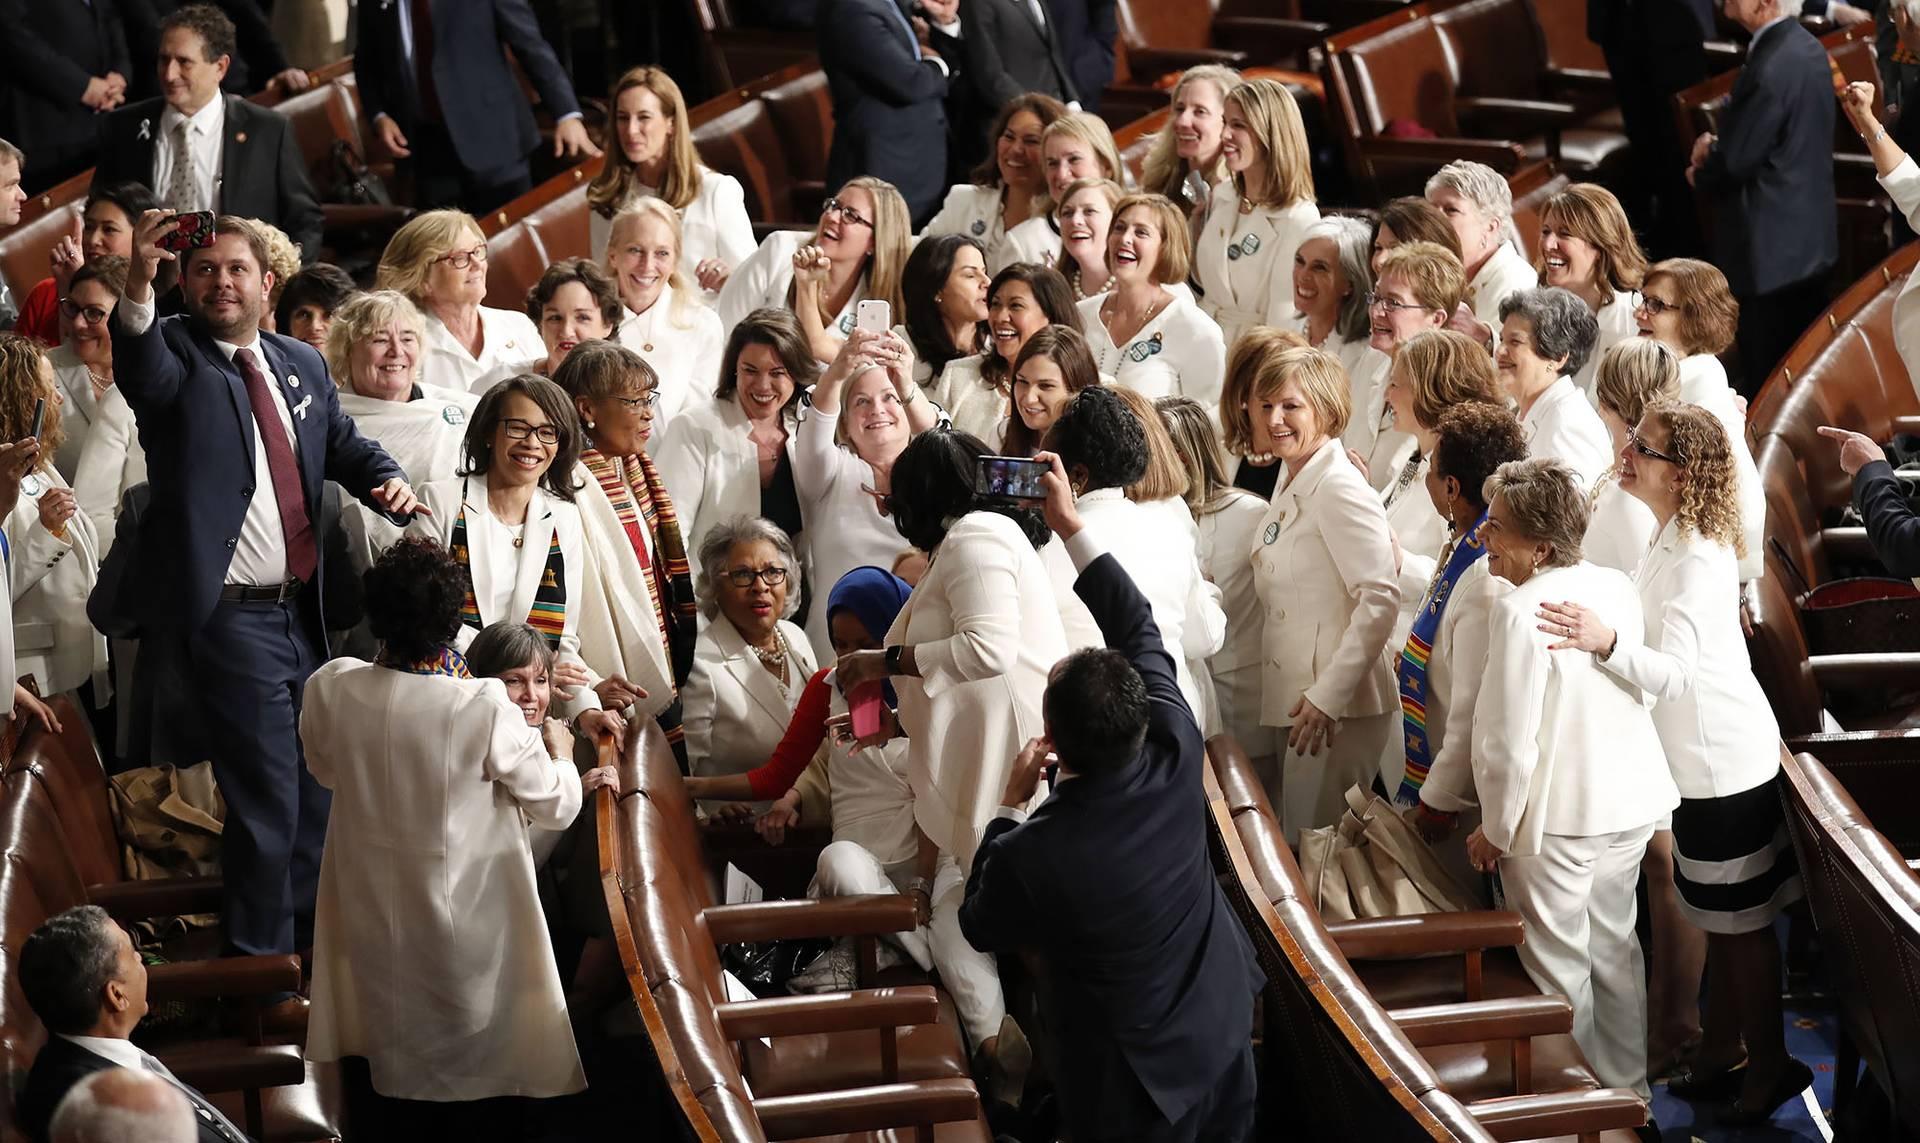 Конгресменки від Демократичної партії прийшли у білому одязі — символічному кольорі руху суфражисток, Вашингтон, США, 5 лютого 2019 року